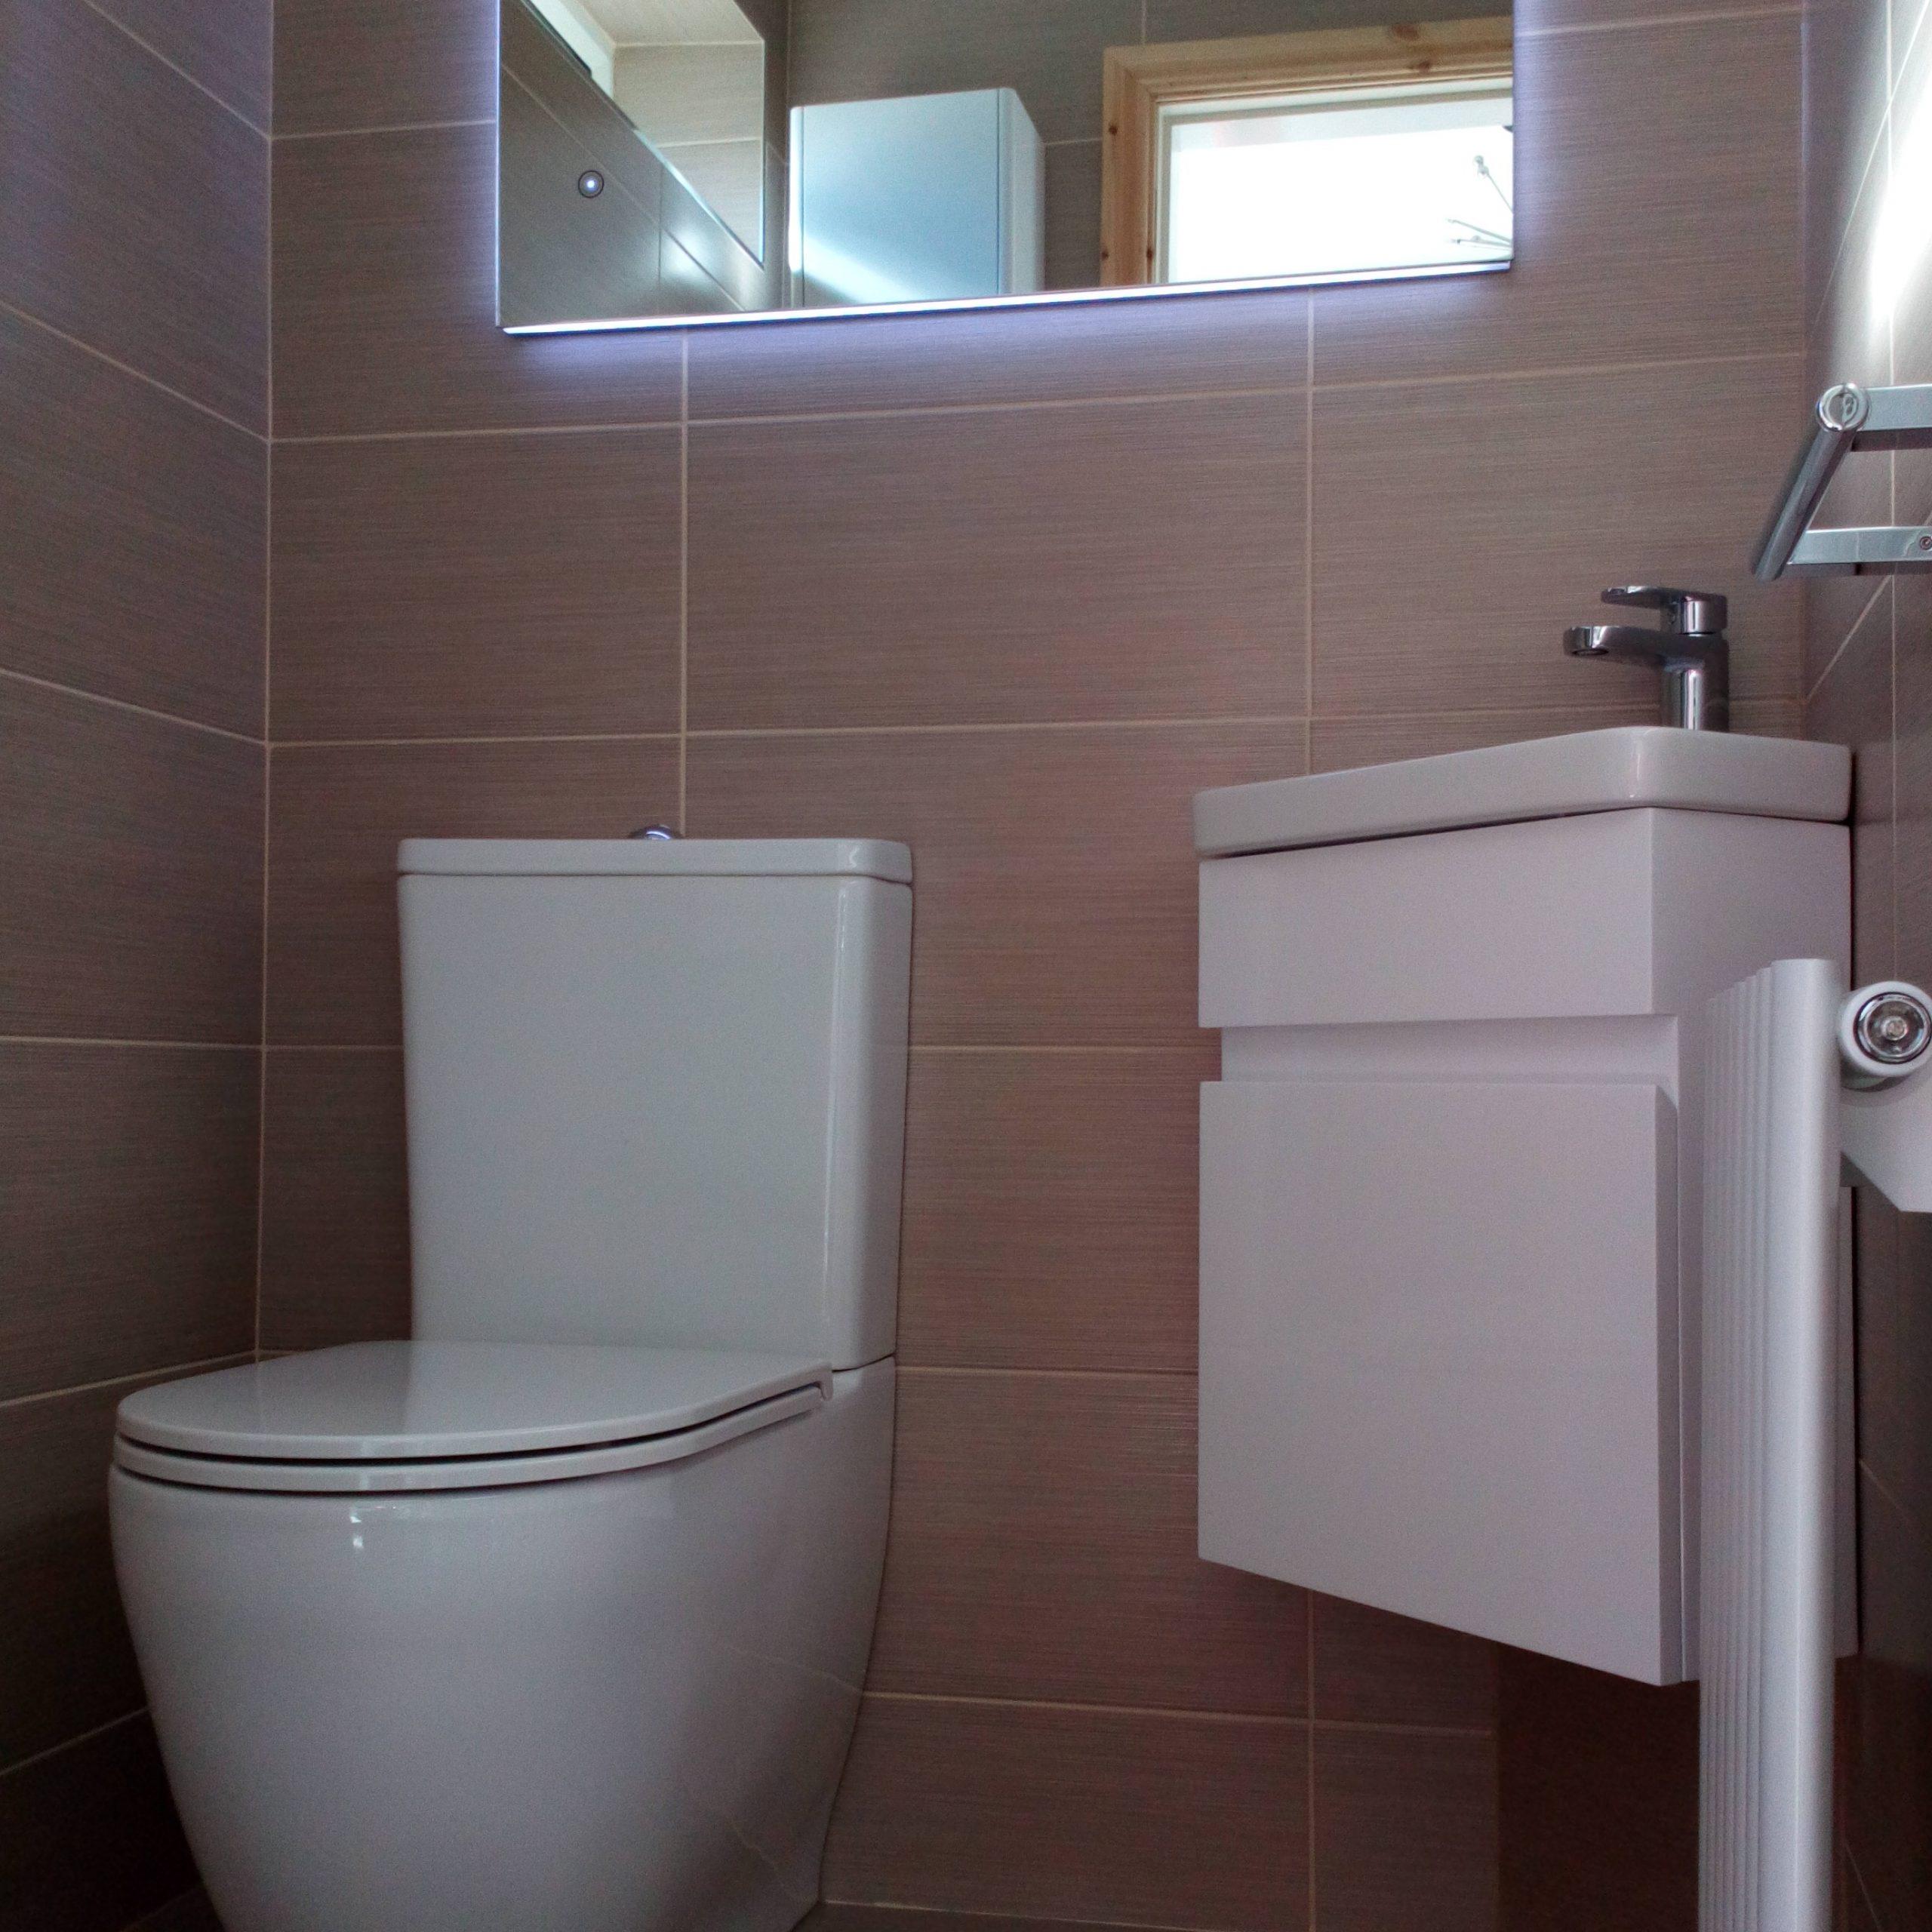 The Nook II Cloakroom WC